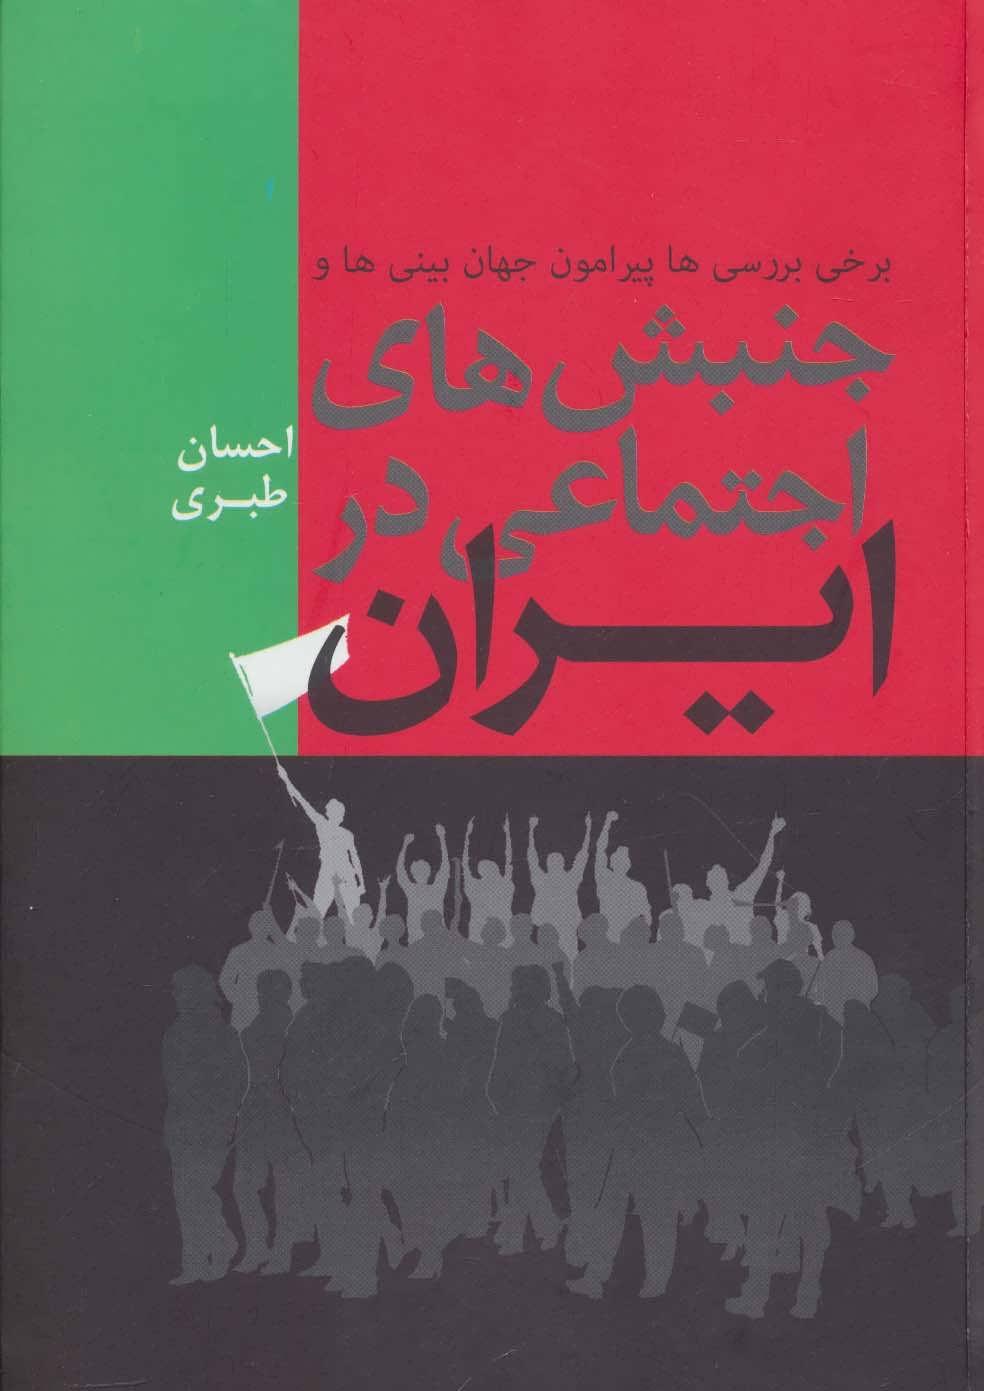 برخی بررسی ها پیرامون جهان بینی ها و جنبش های اجتماعی در ایران